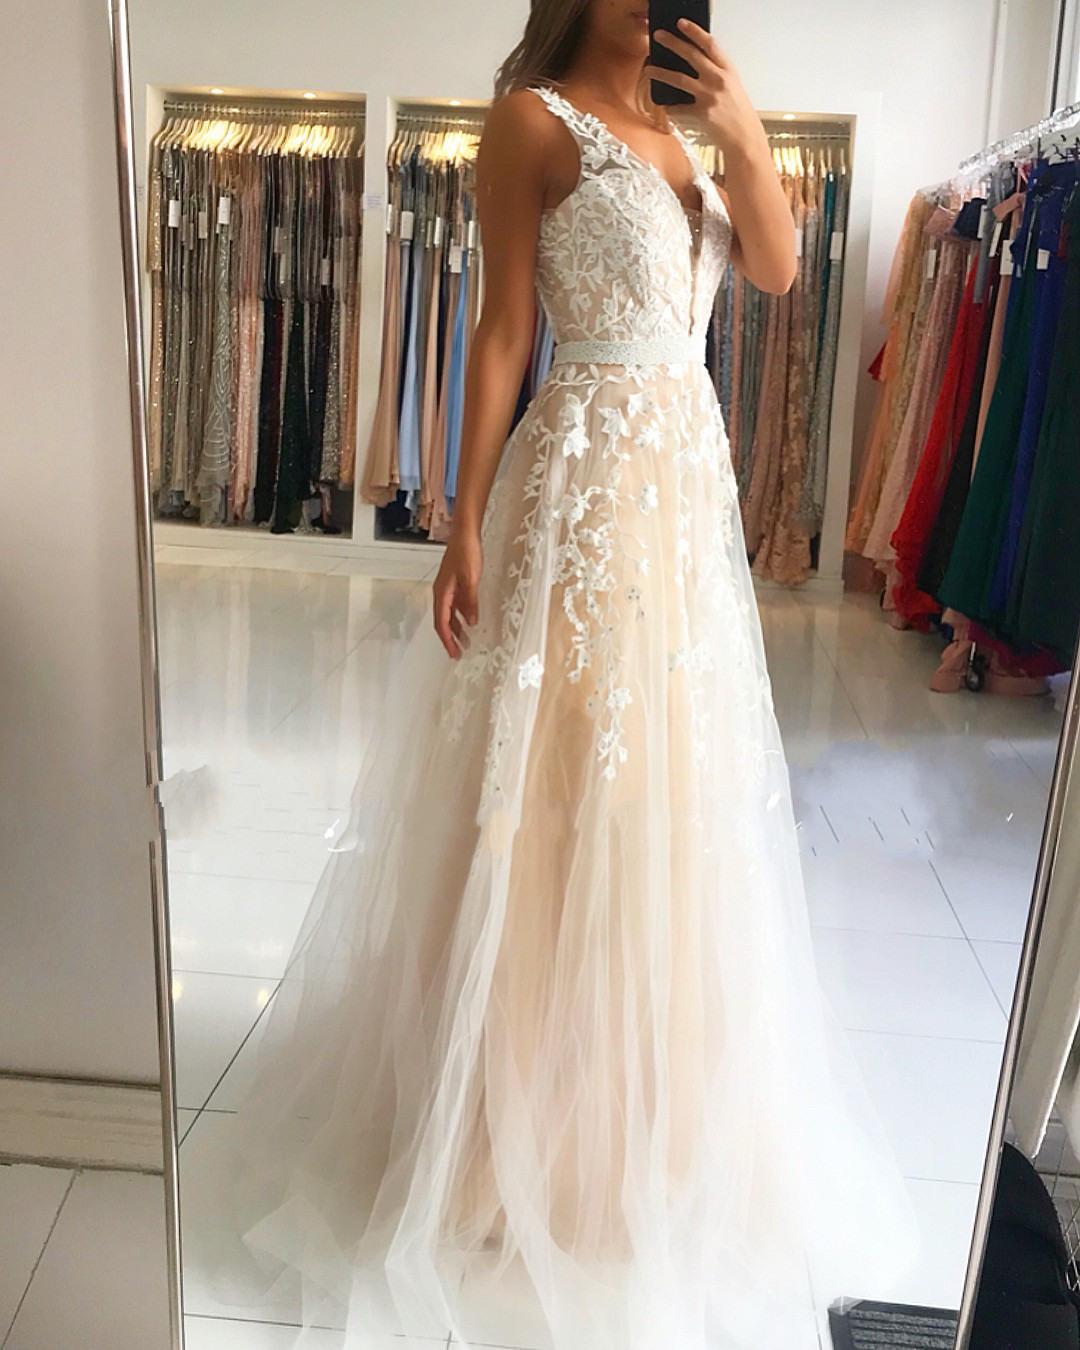 20 Coolste Weisses Abendkleid Boutique Ausgezeichnet Weisses Abendkleid Stylish